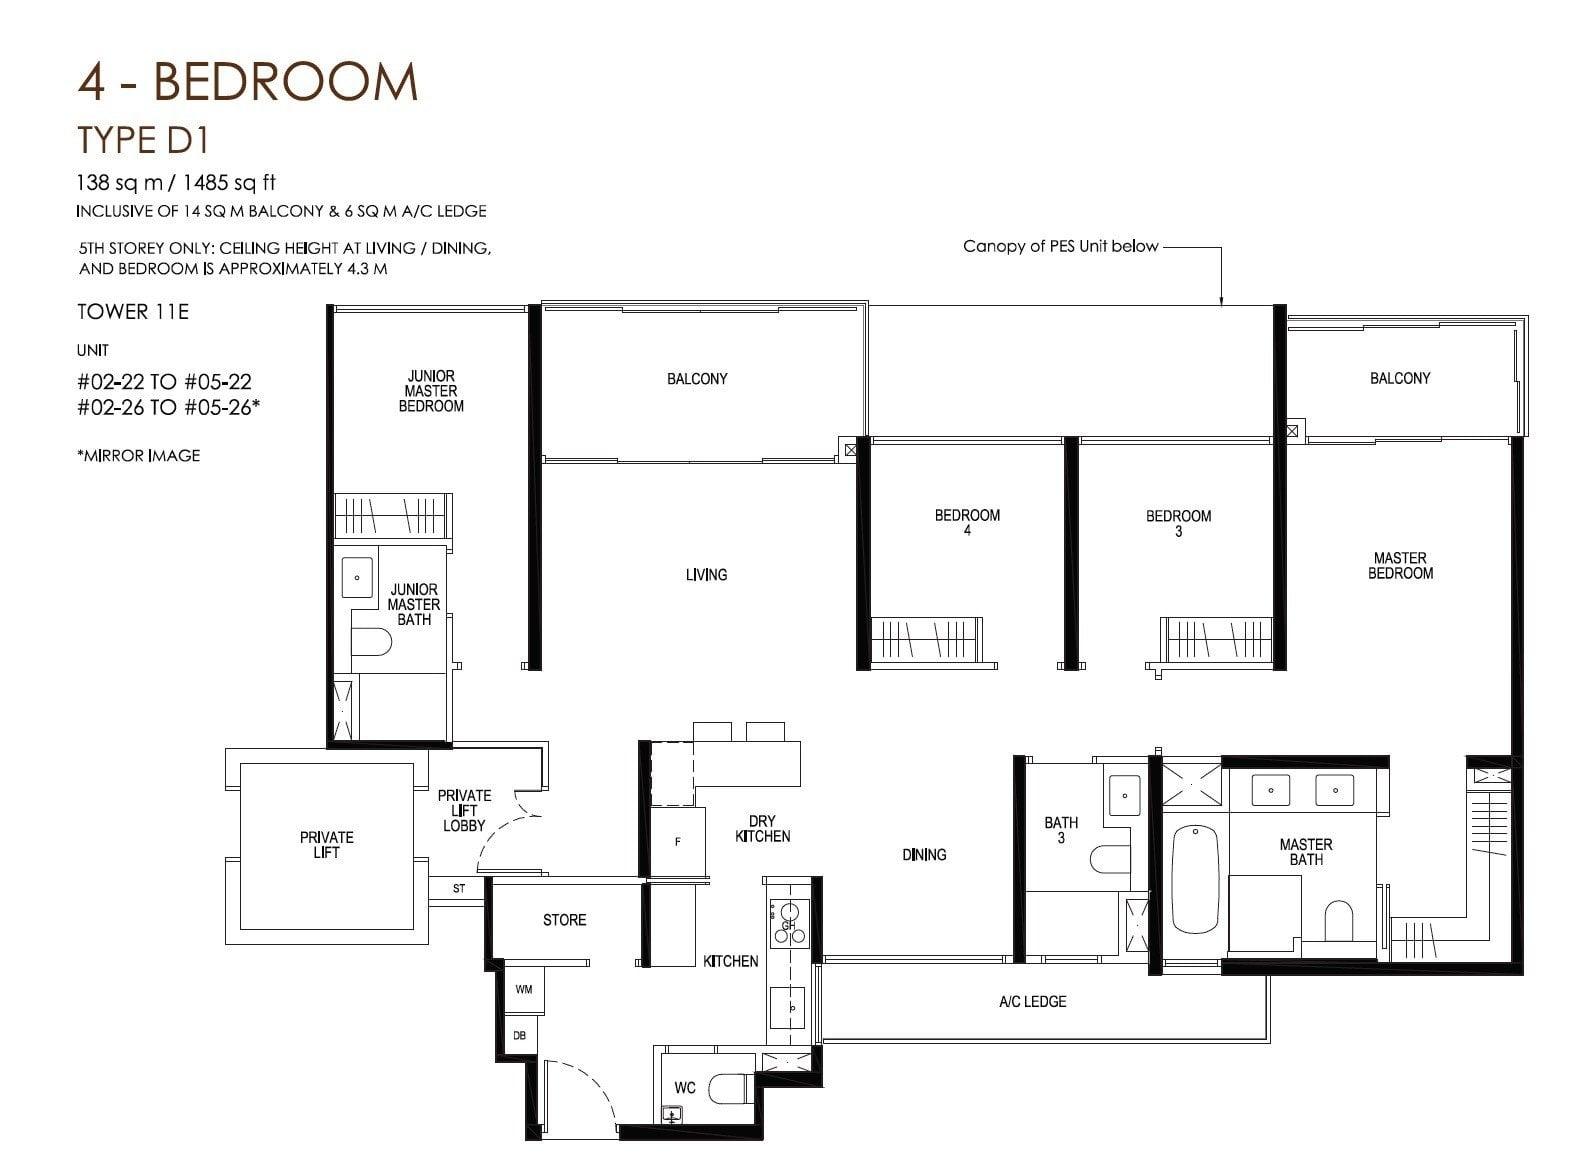 daintree-condo-floor plan 4BR